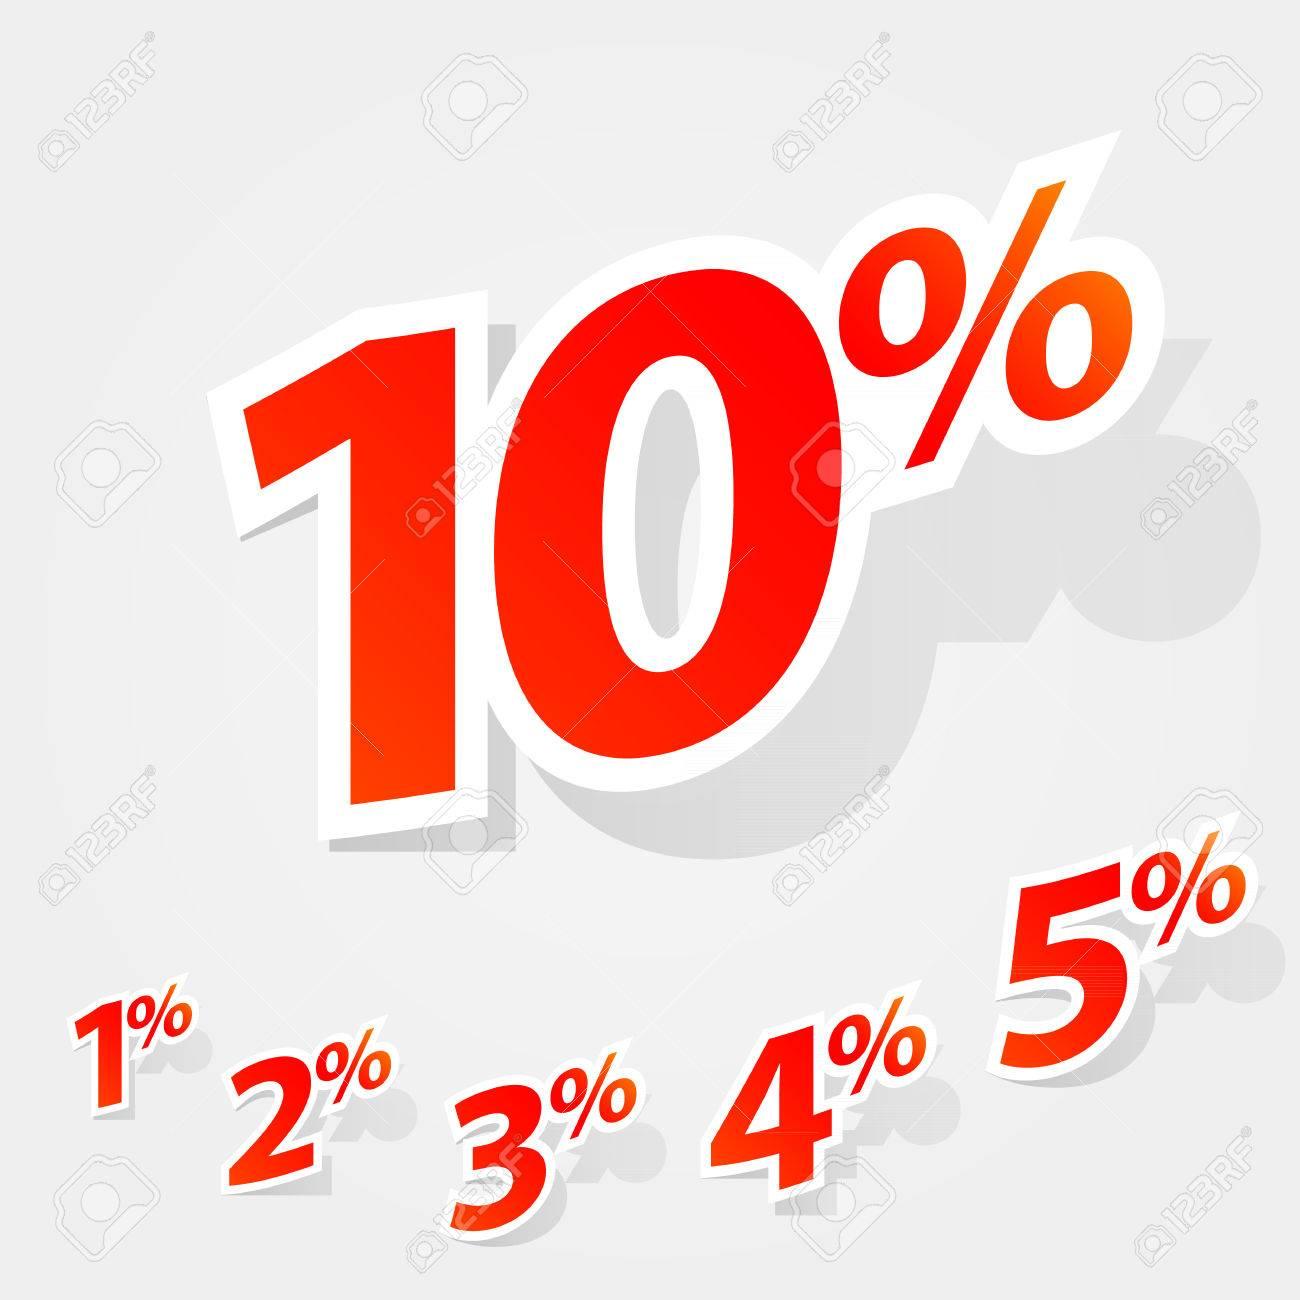 Un conjunto de etiquetas para ofertas especiales y descuentos de ventas. Eps 10 ilustración vectorial. Capas transparencia utilizada de sombras